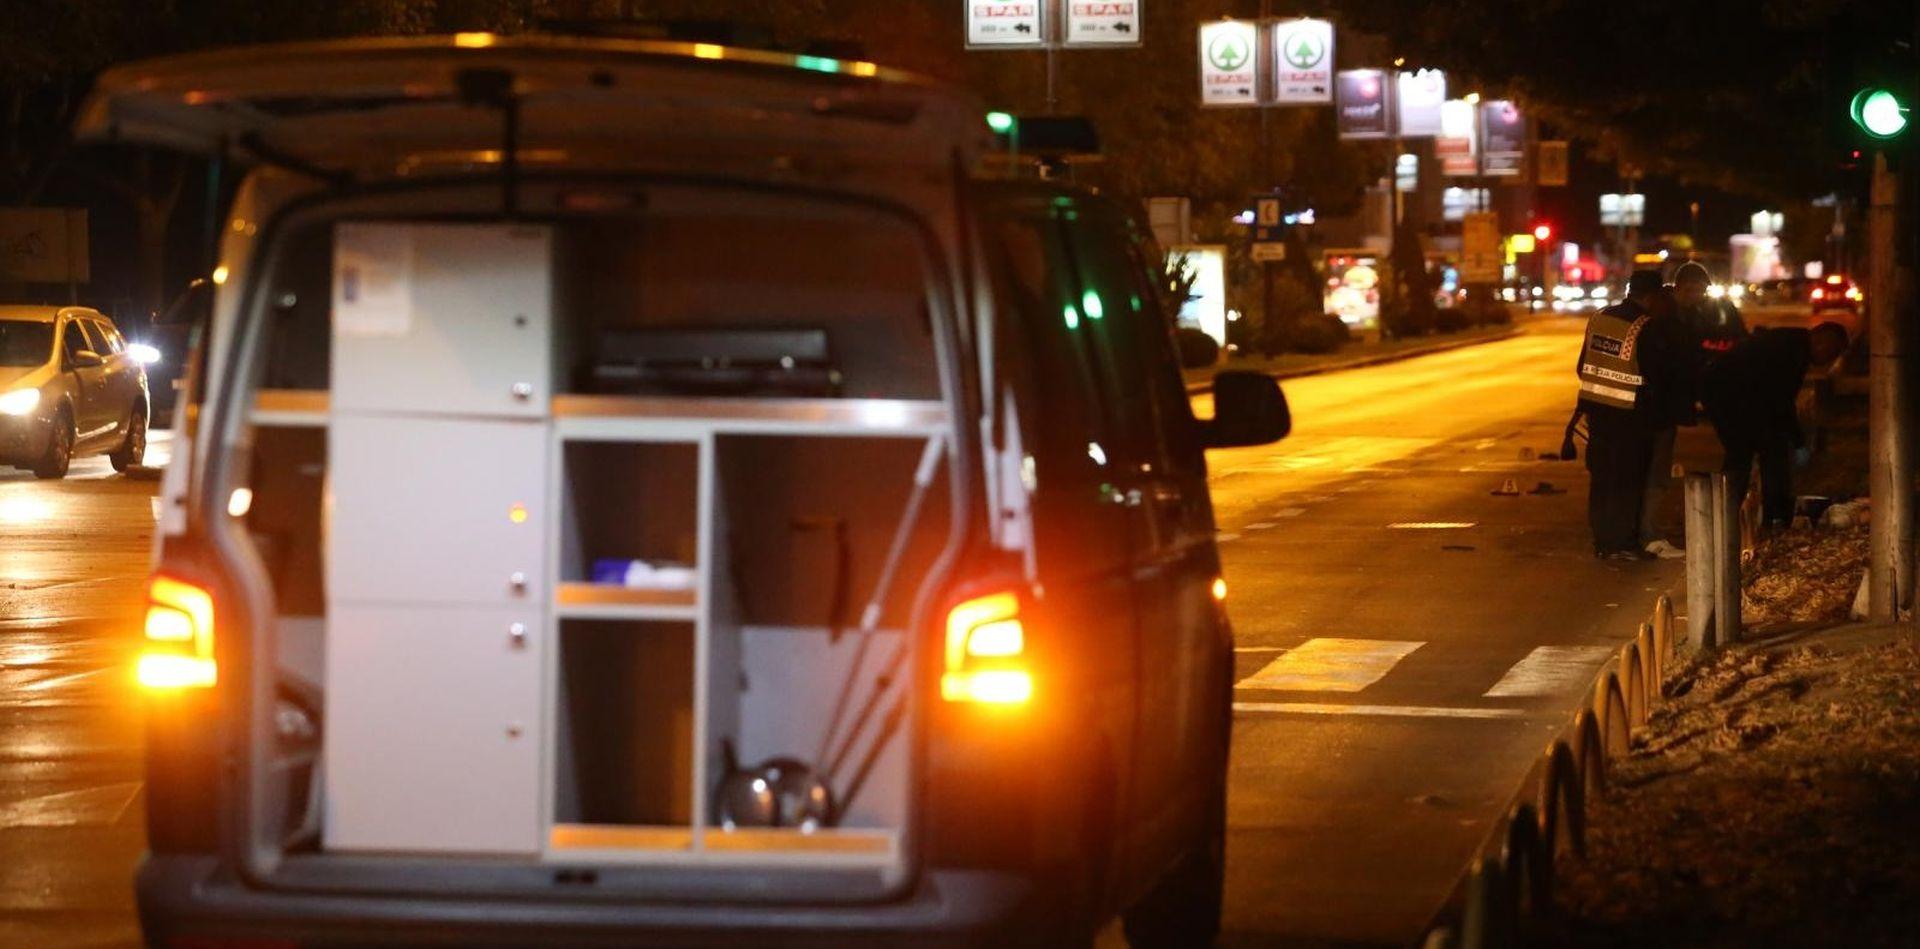 Podignuta kaznena prijava protiv pijane vozačice koja je usmrtila 19-godišnjakinju